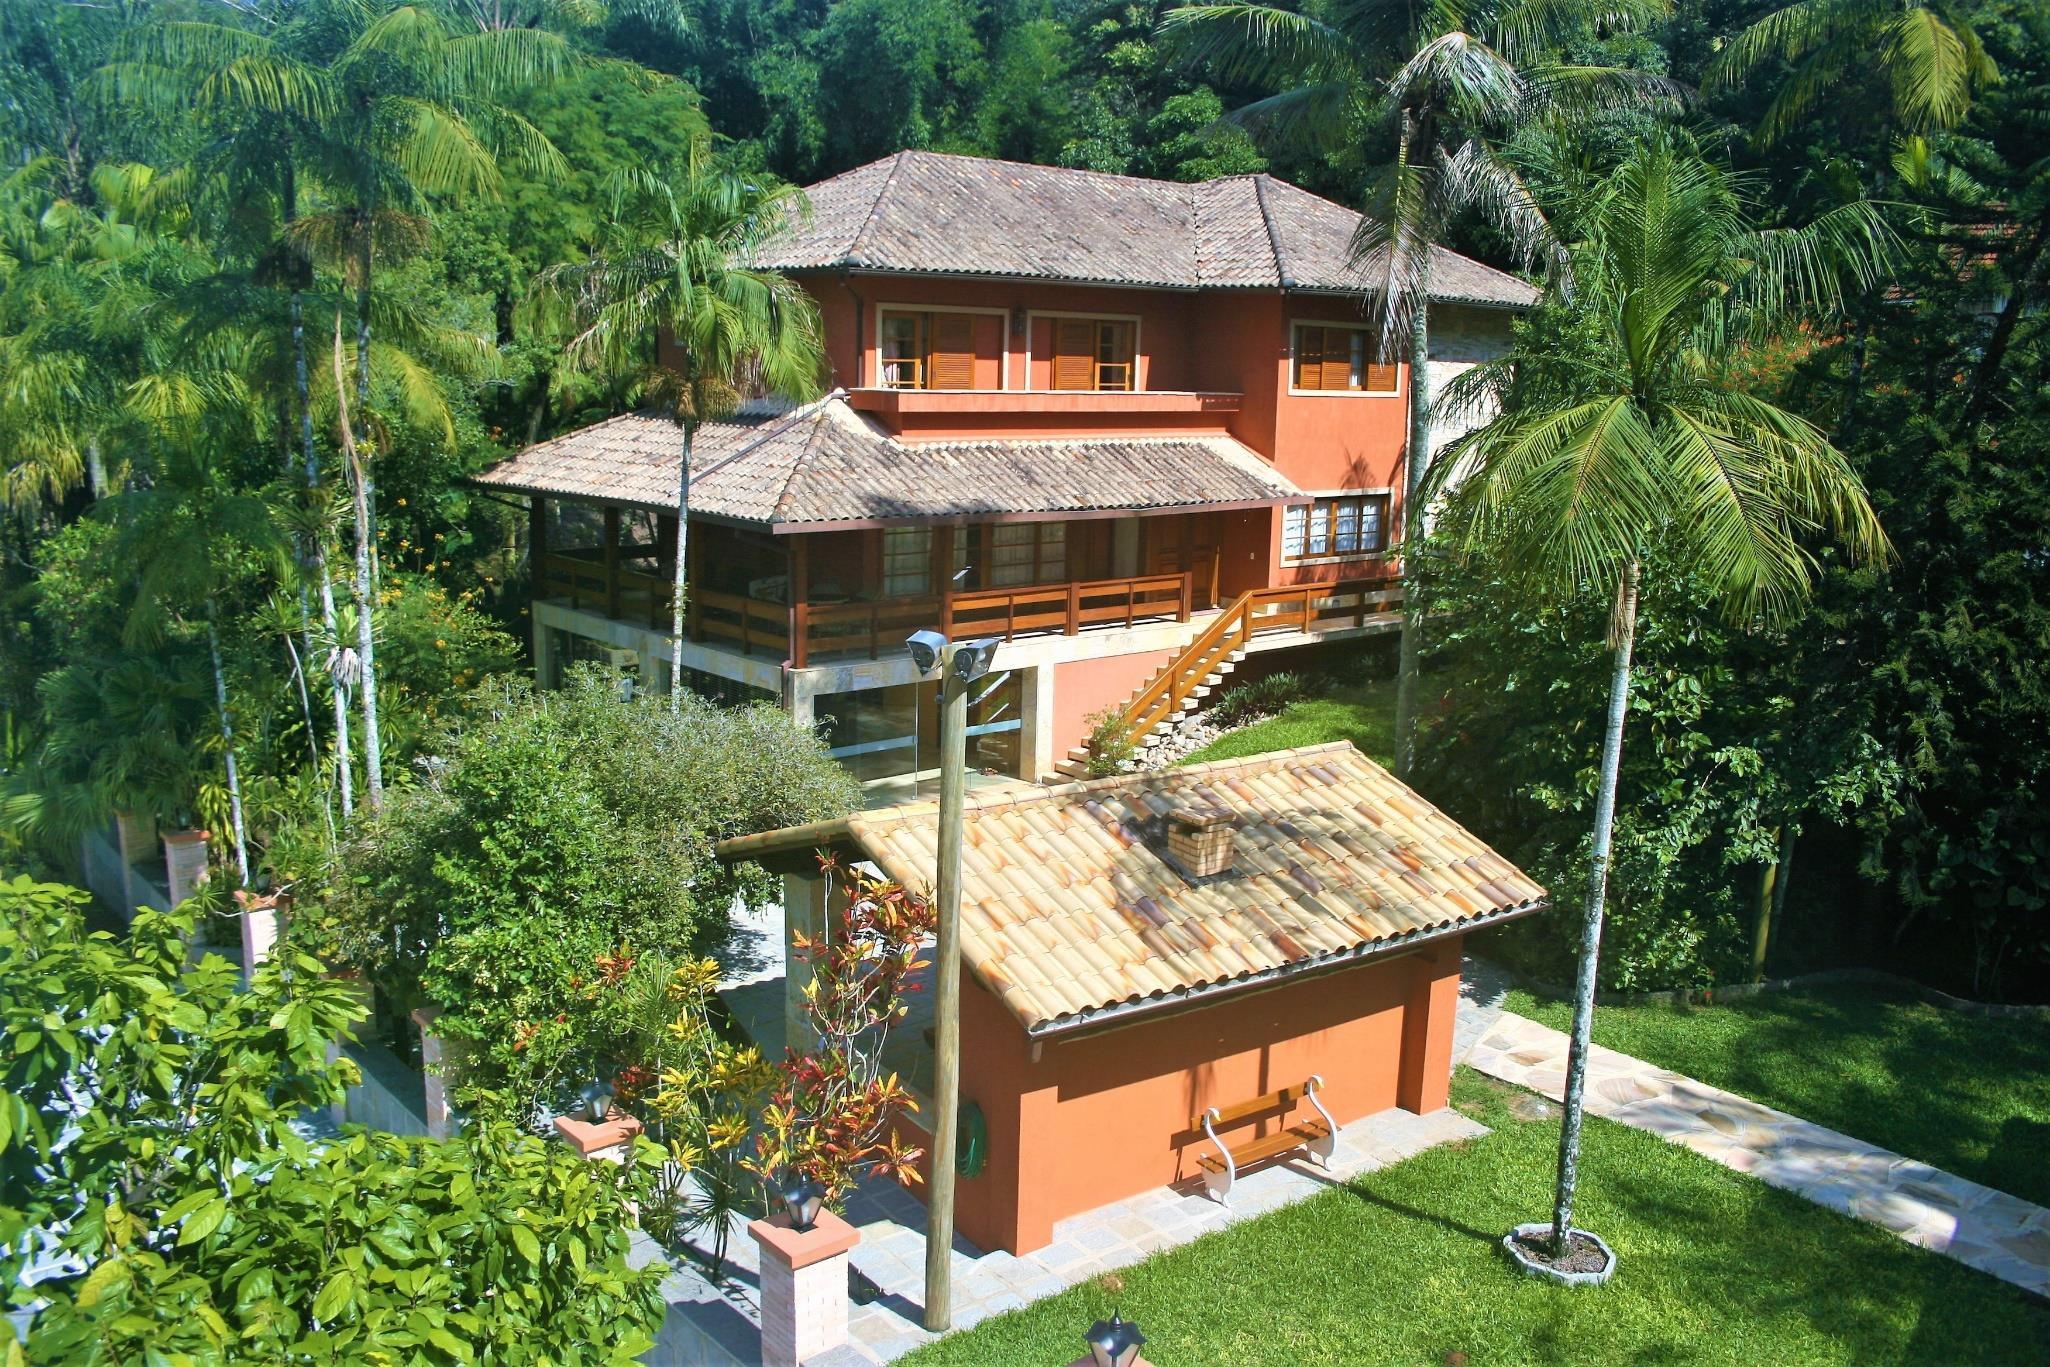 BRA – Excelente Casa em Serra dos Orgãos – RJ